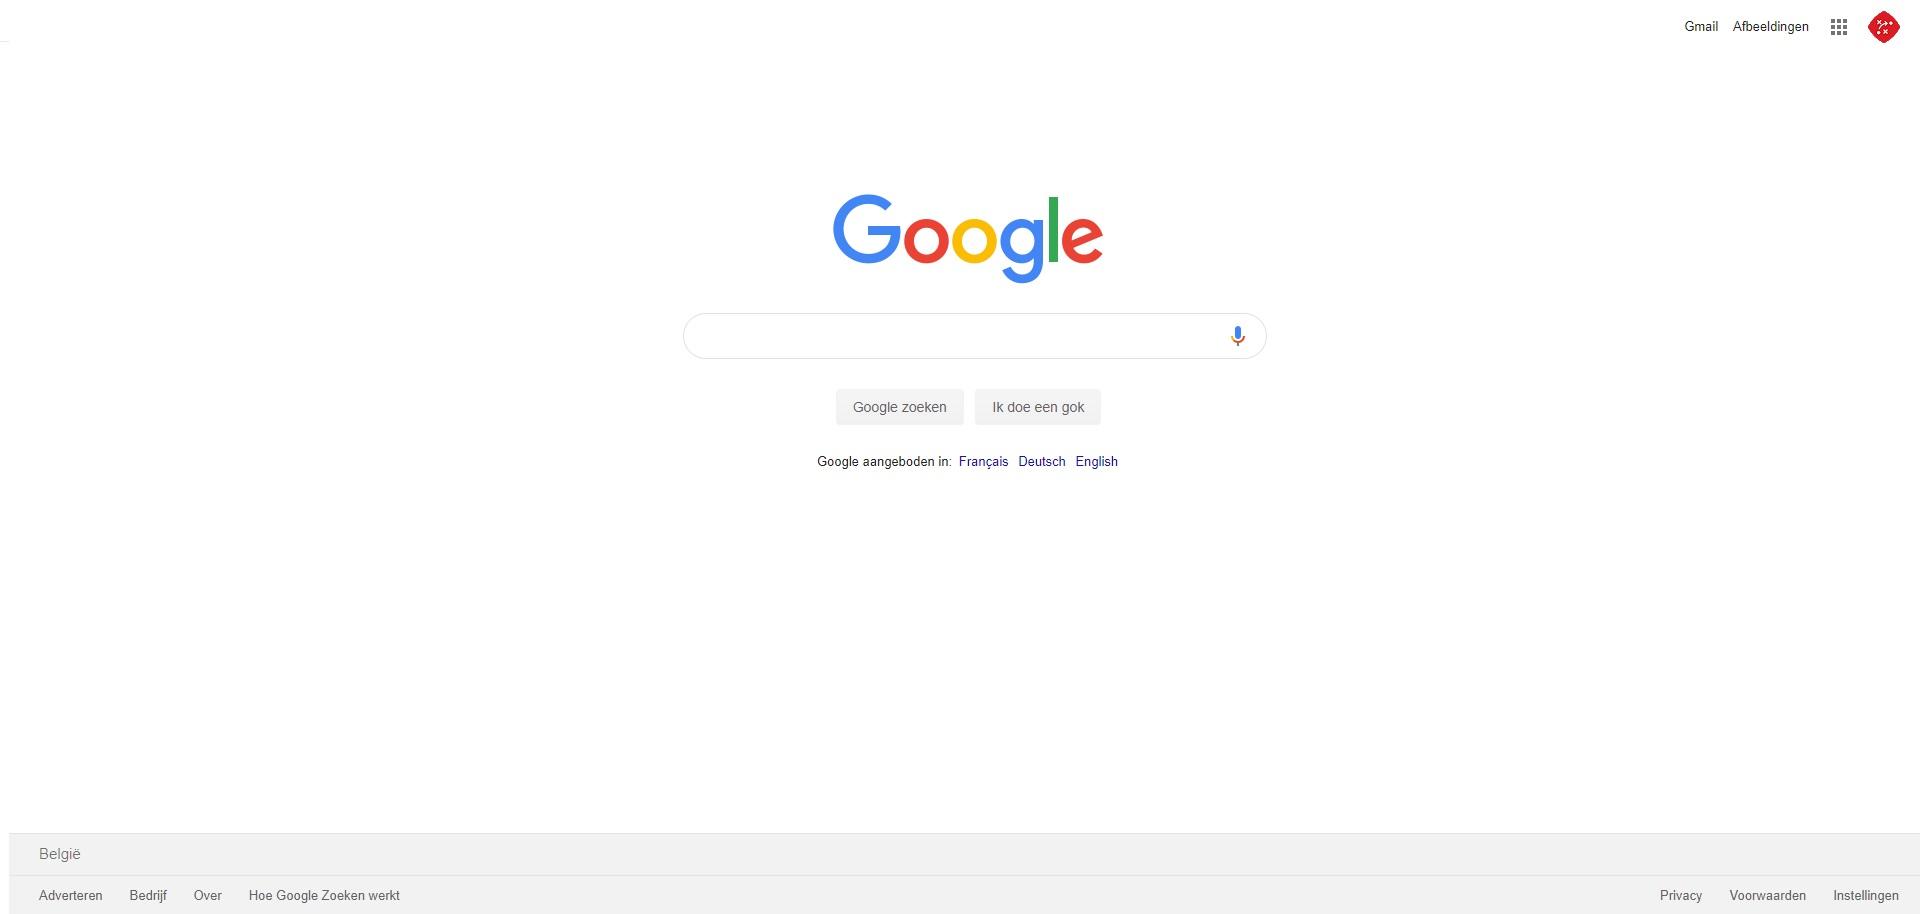 Google, voorbeeld van witruimte op een website